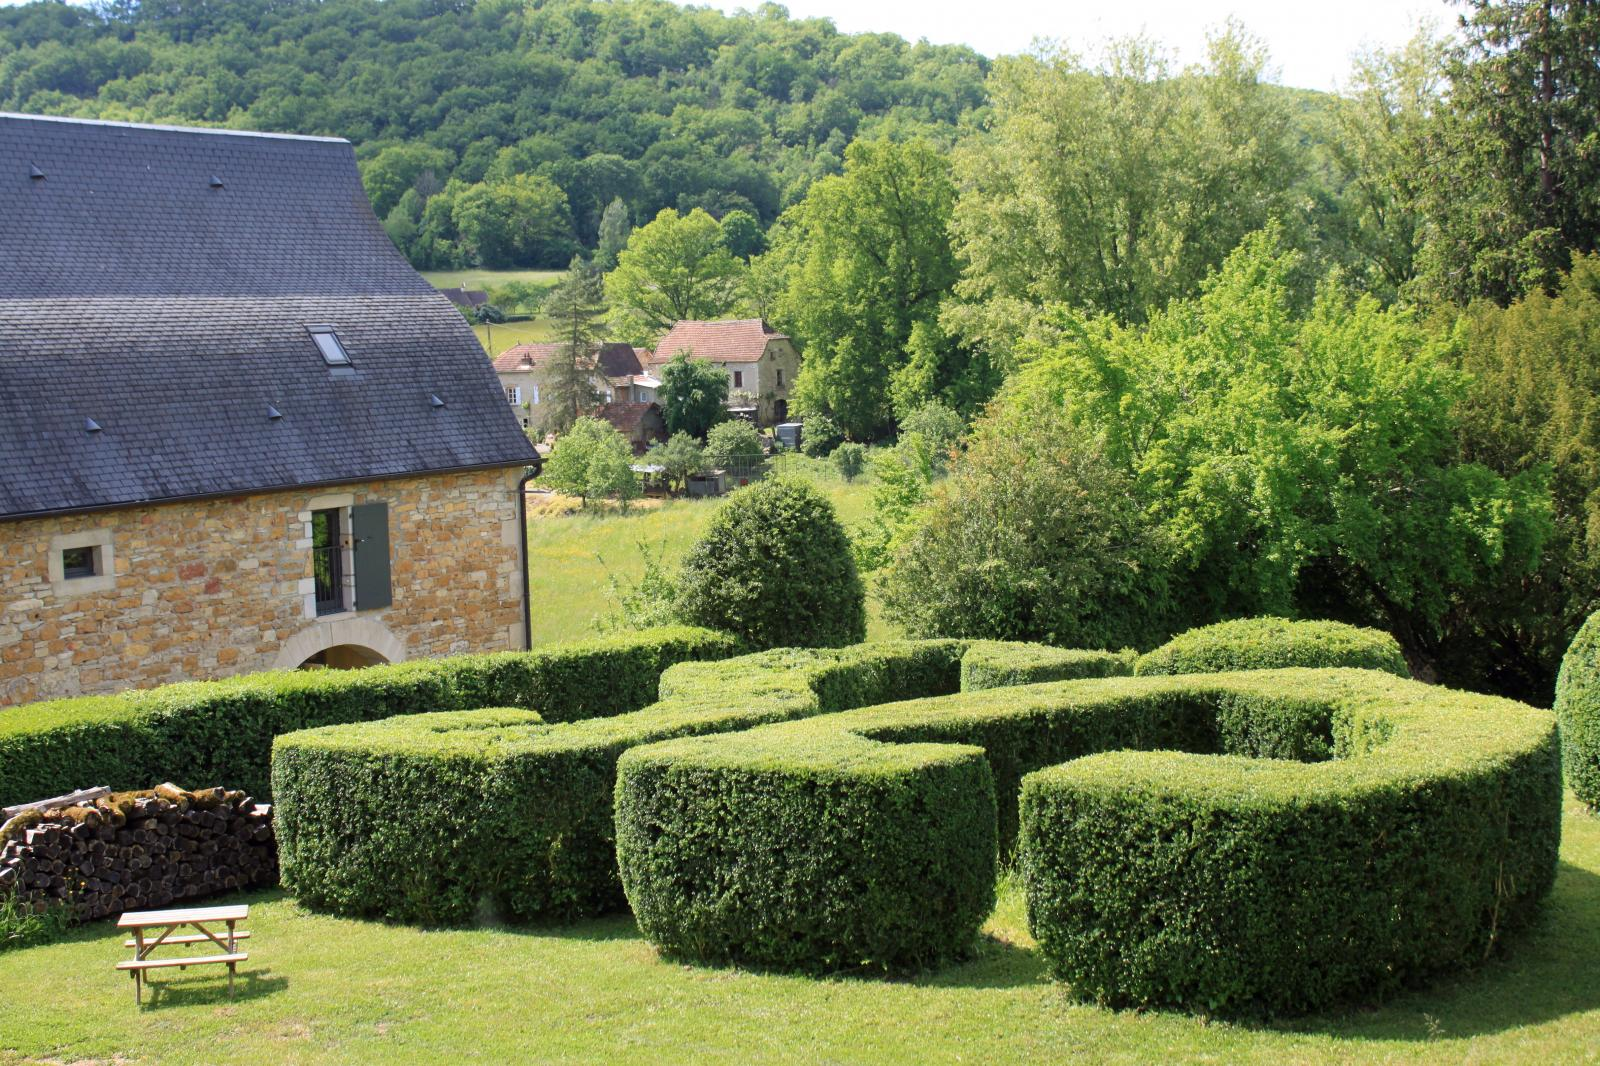 Les jardins de buis du Broual